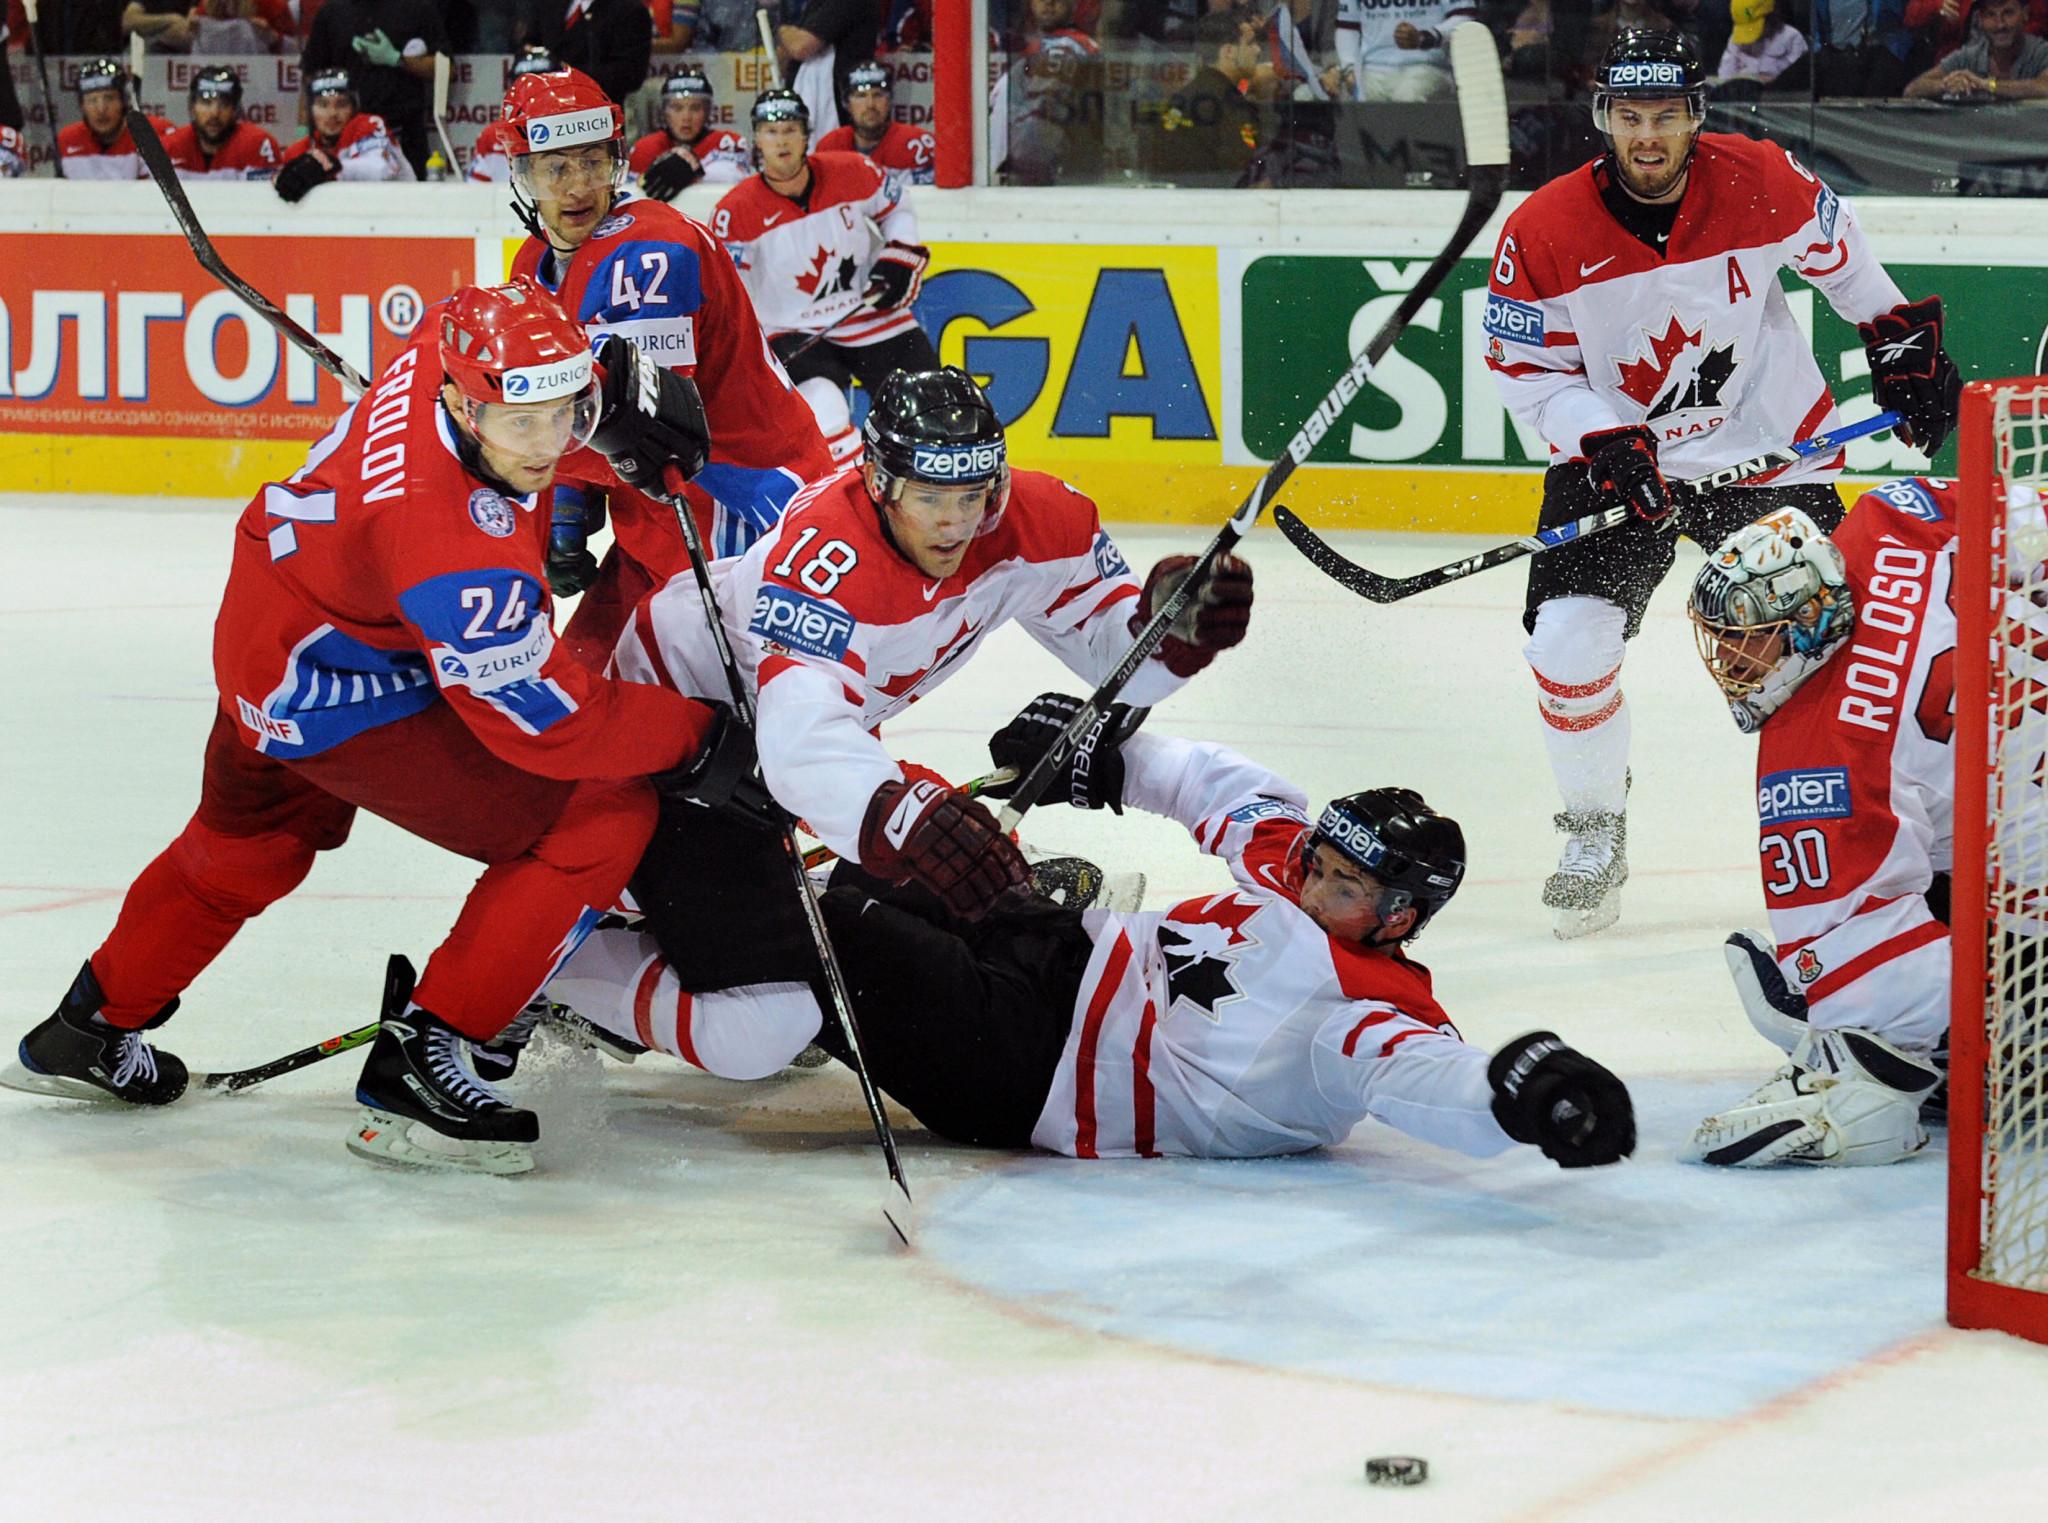 Switzerland not applying to host IIHF Men's World Championship next year